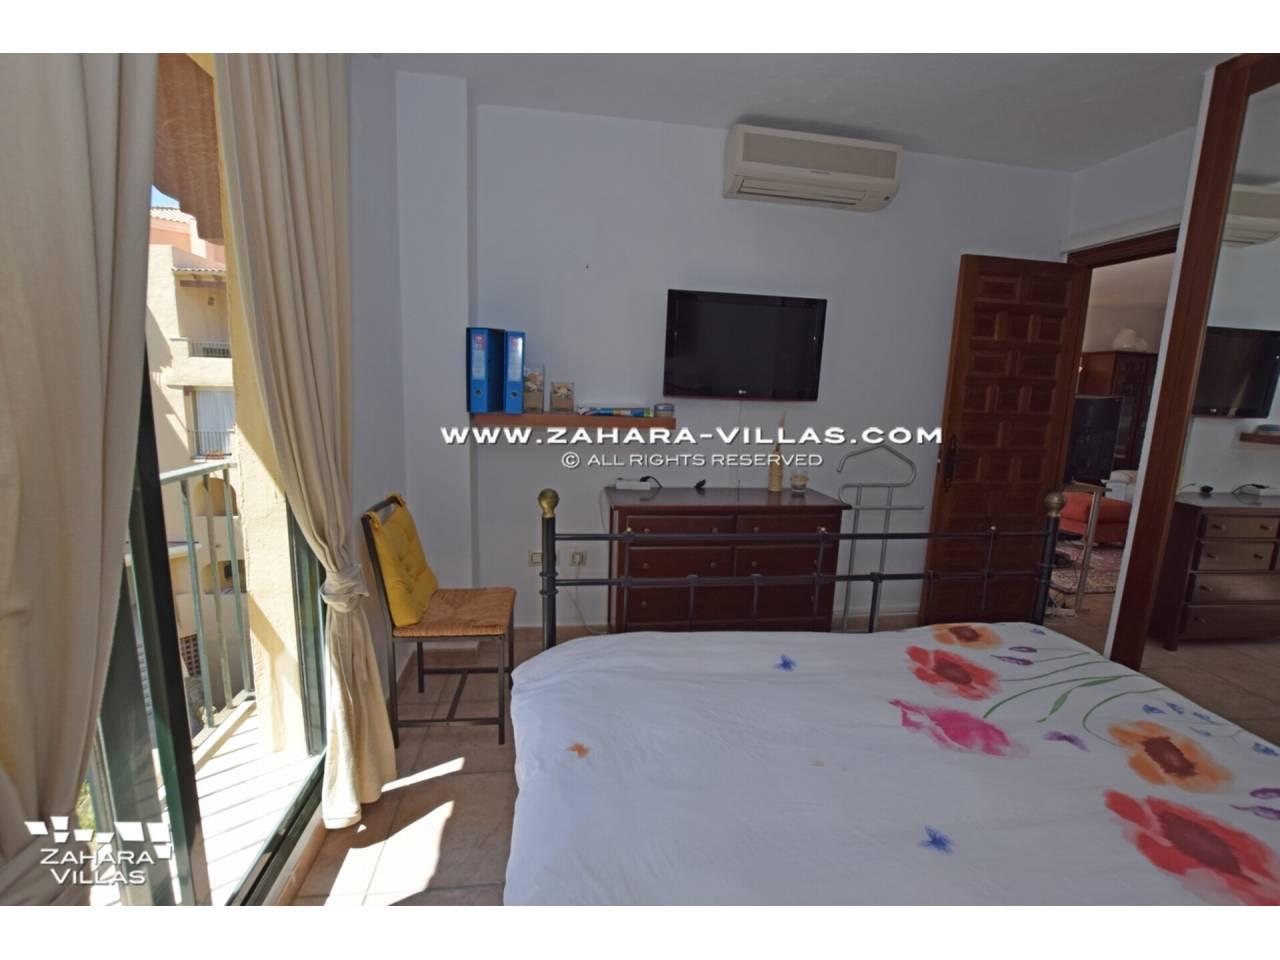 Imagen 24 de Penthouse apartment for sale in Zahara de los Atunes